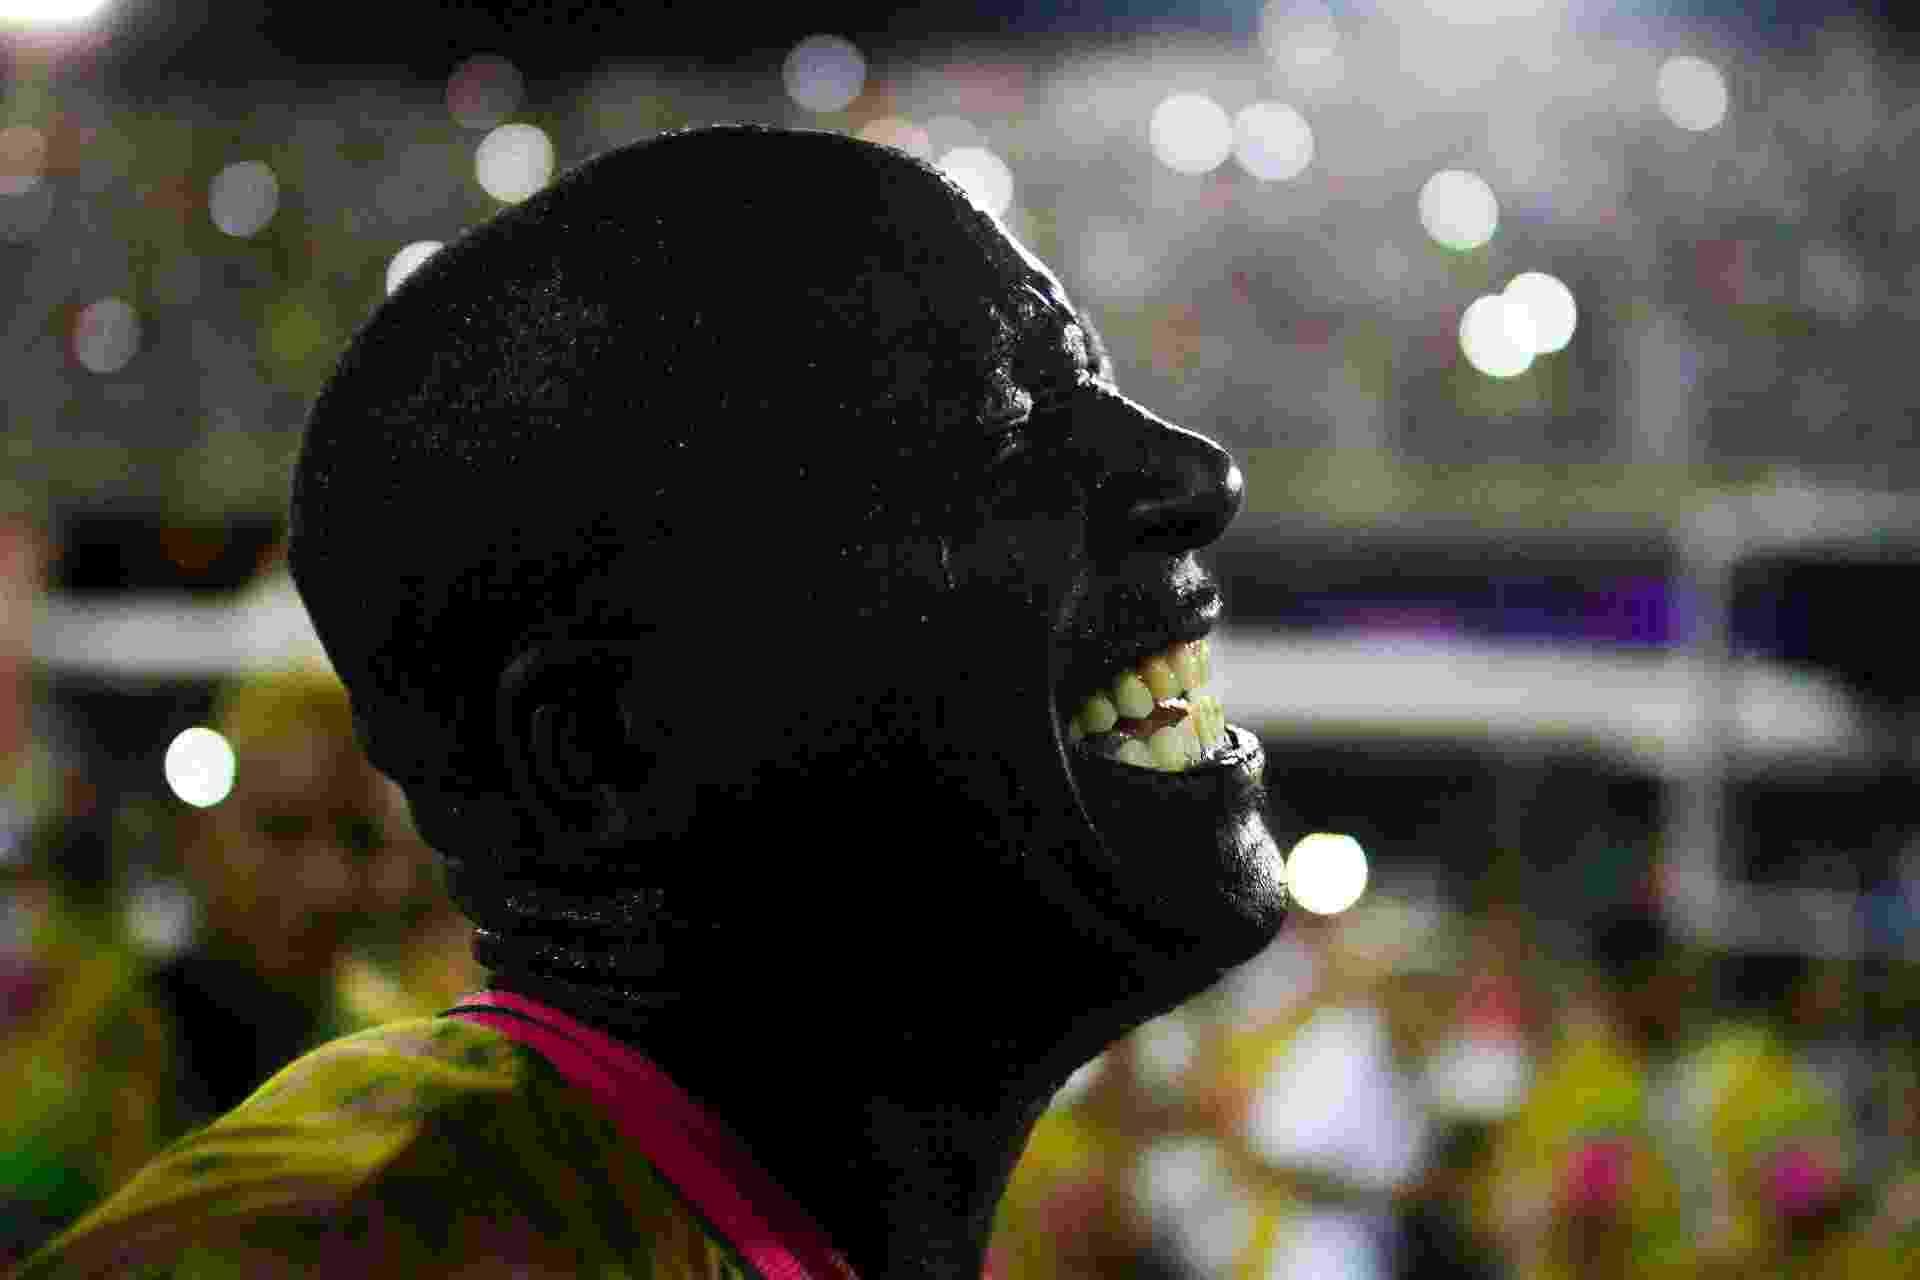 Mangueira se apresenta em ensaio técnico na Marques de Sapucaí, no Rio - LUCIANO BELFORD/FRAMEPHOTO/ESTADÃO CONTEÚDO